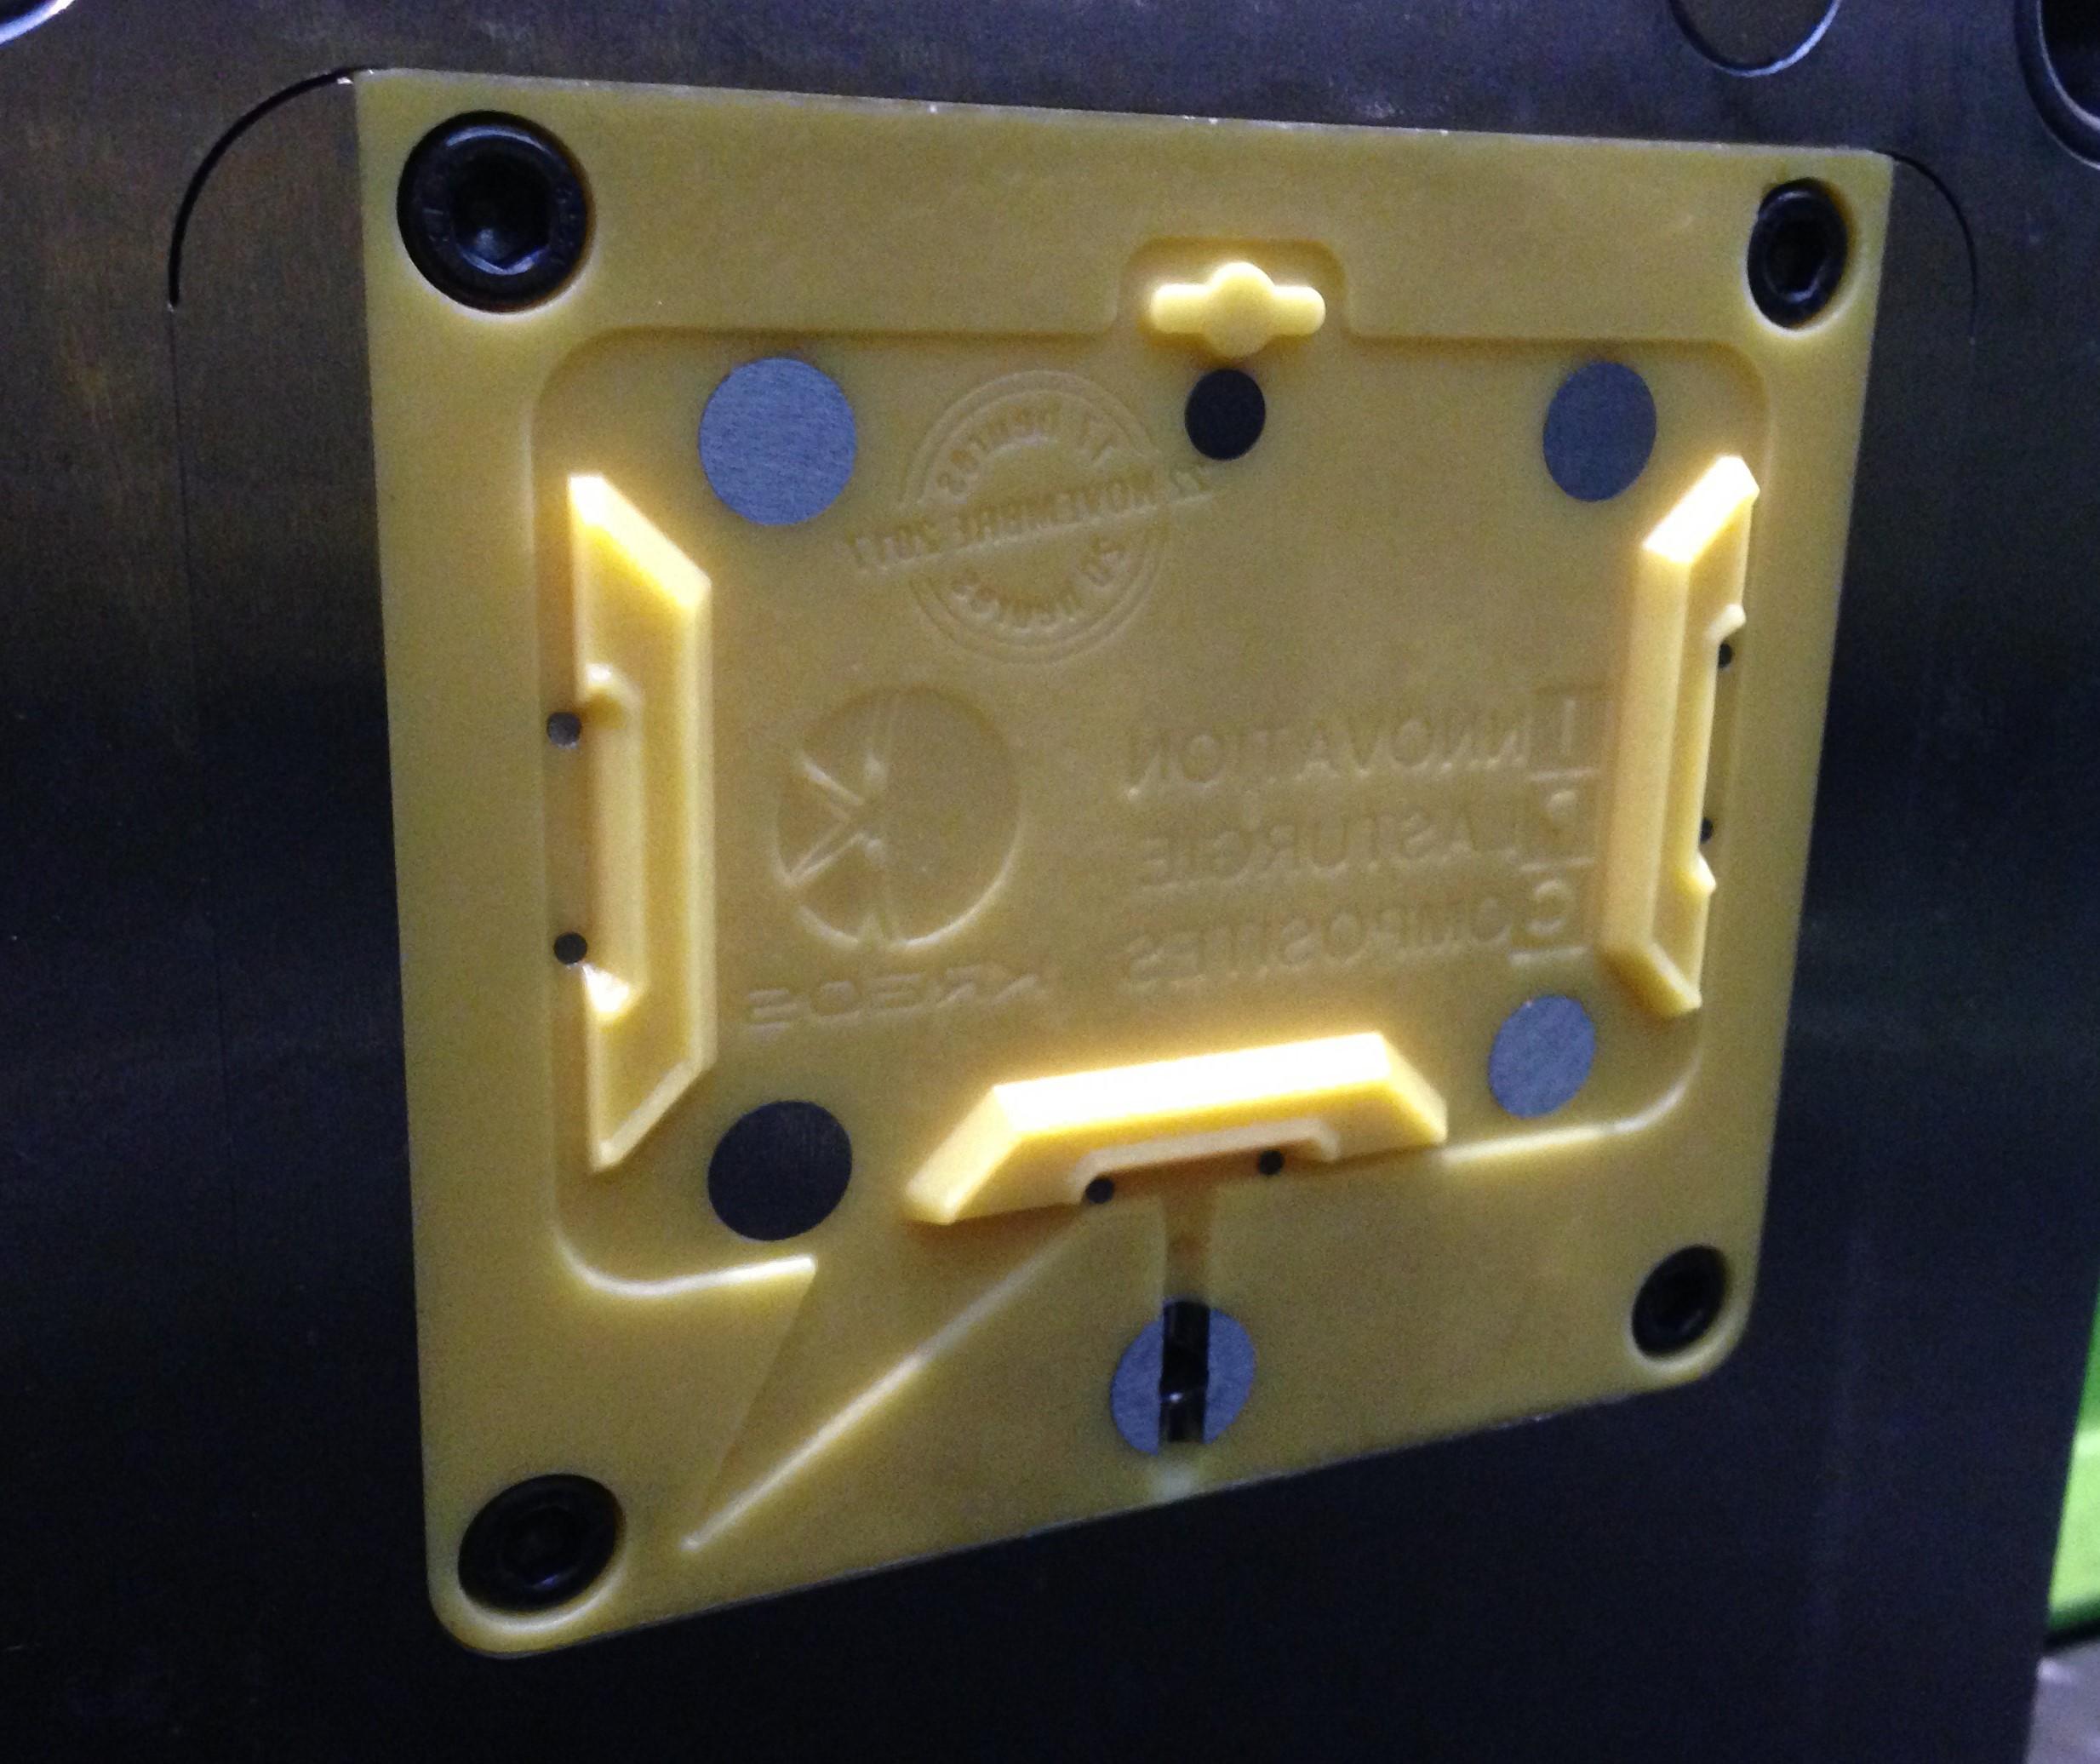 Participez au webinaire Fabrication additive au service de la plasturgie : De l'outillage à la pièce directe et développement de nouveaux matériaux